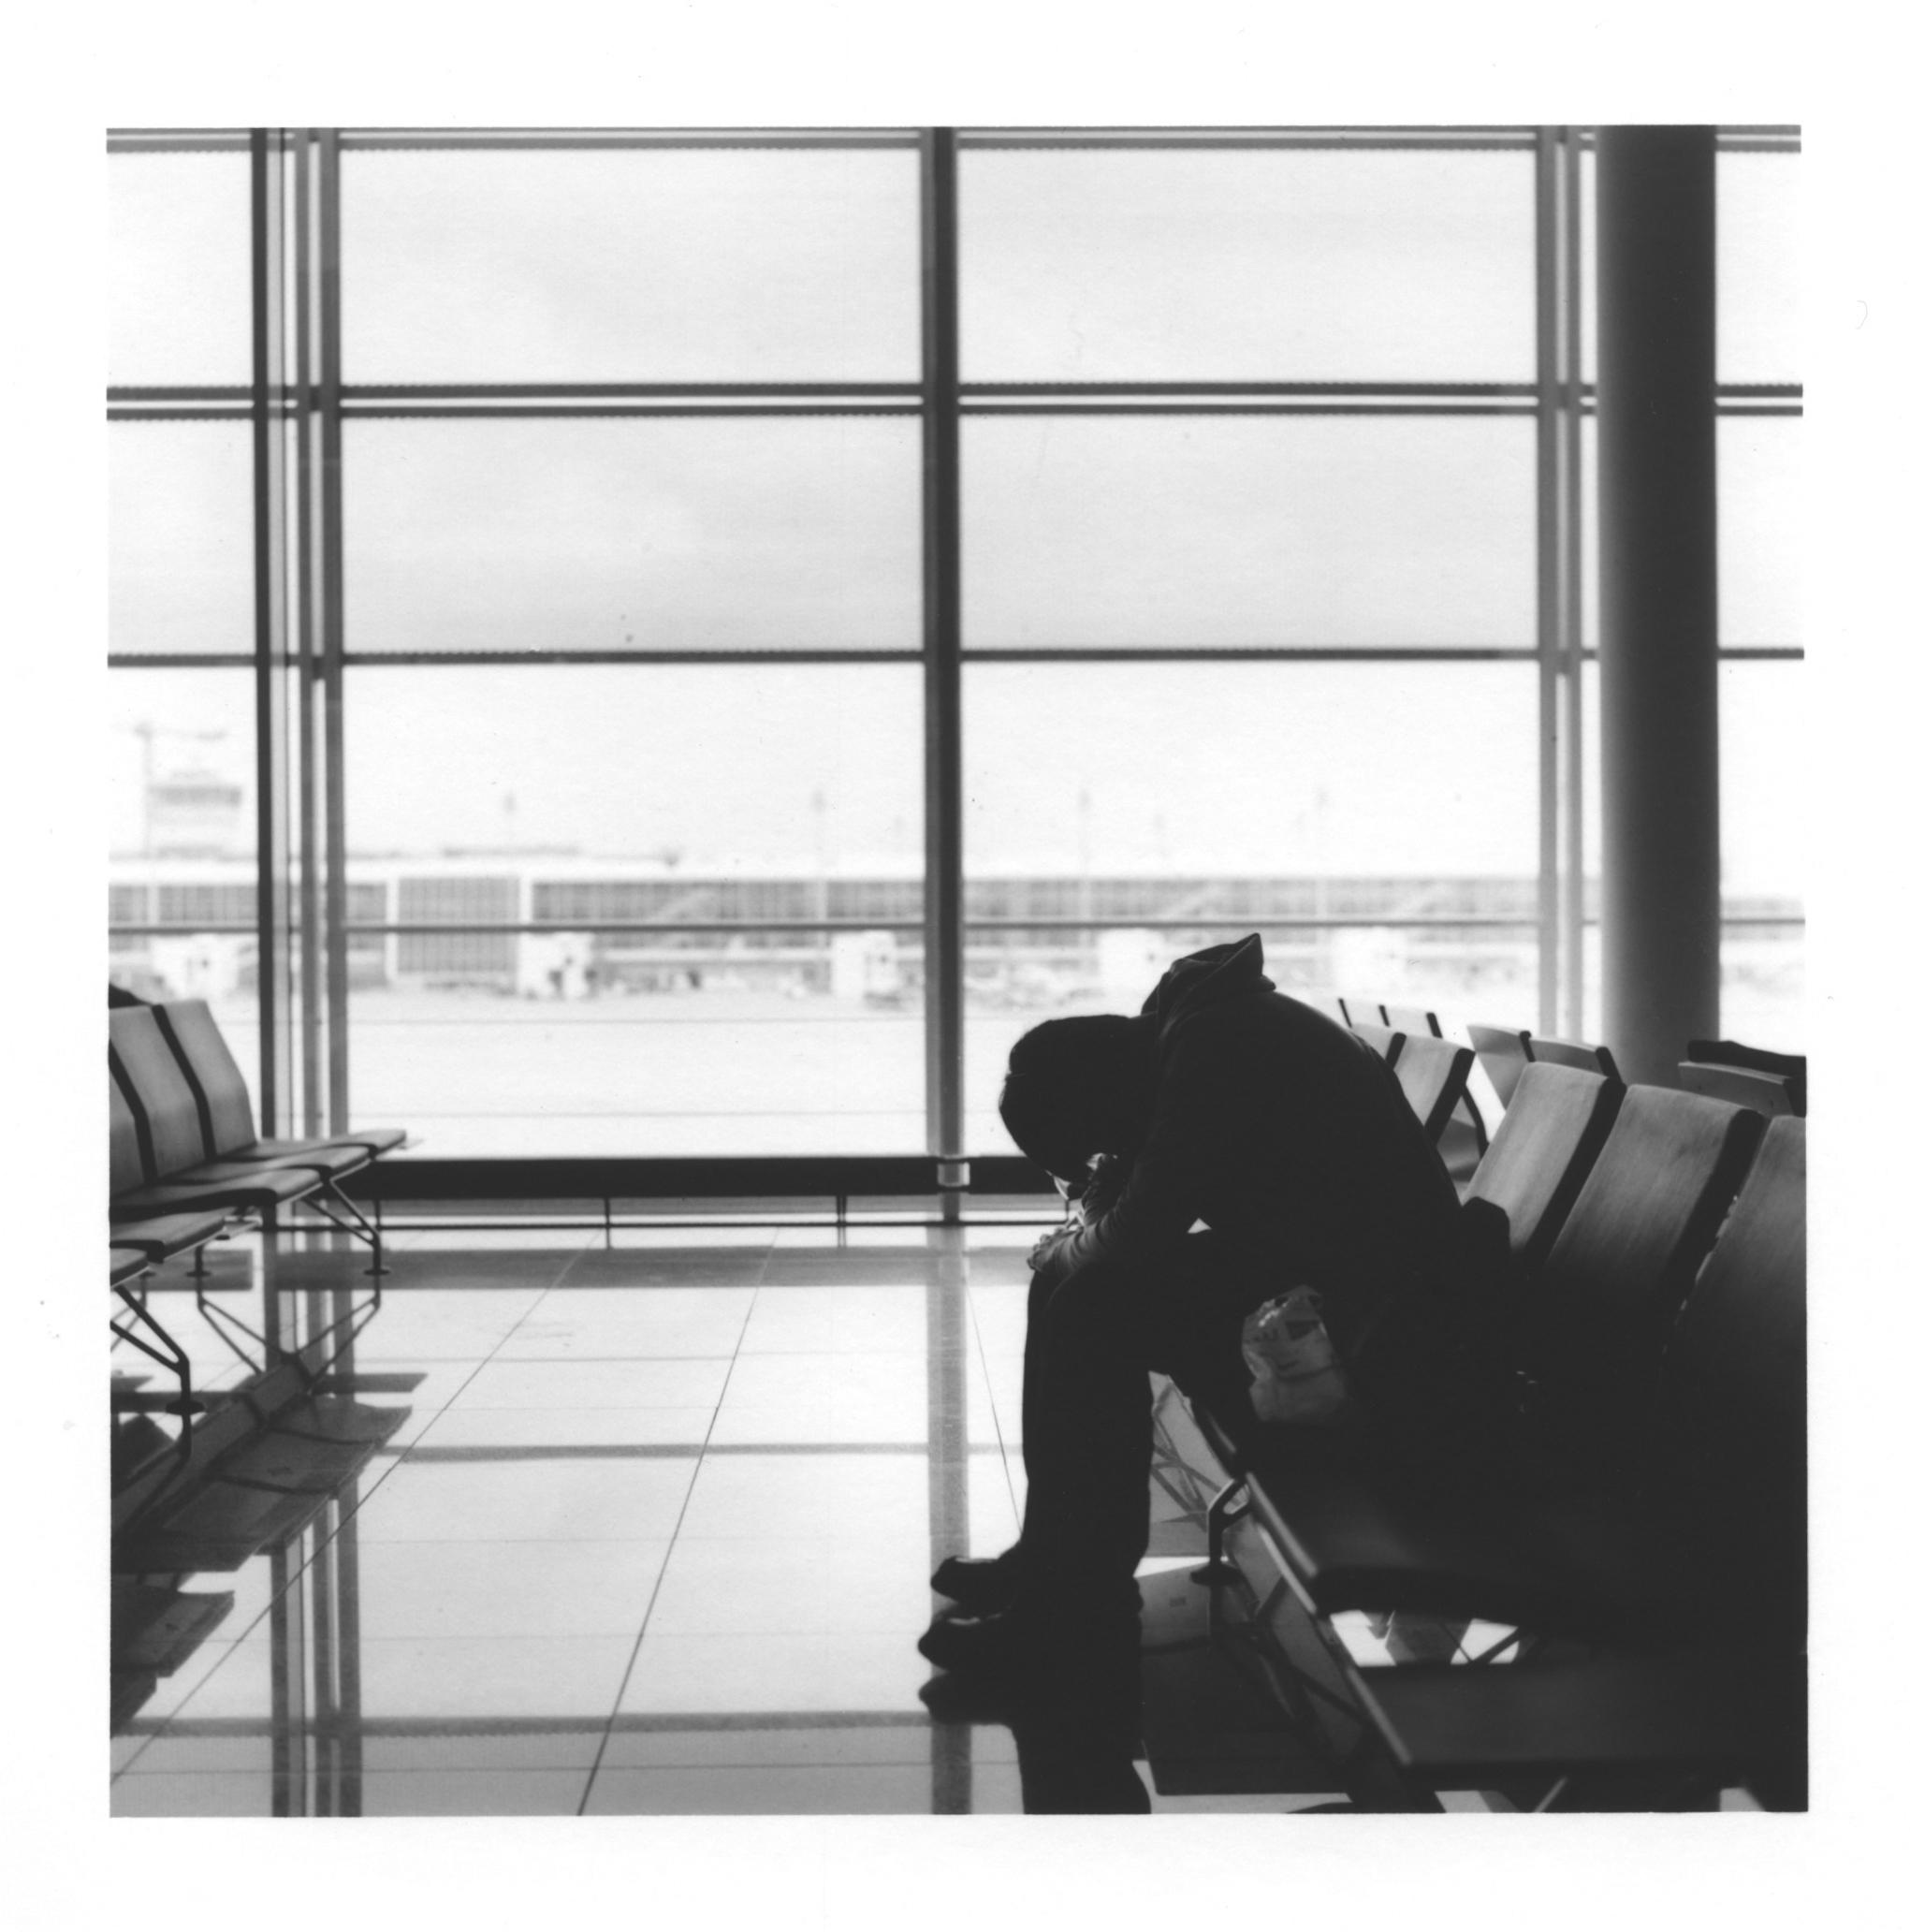 Waiting in Munich